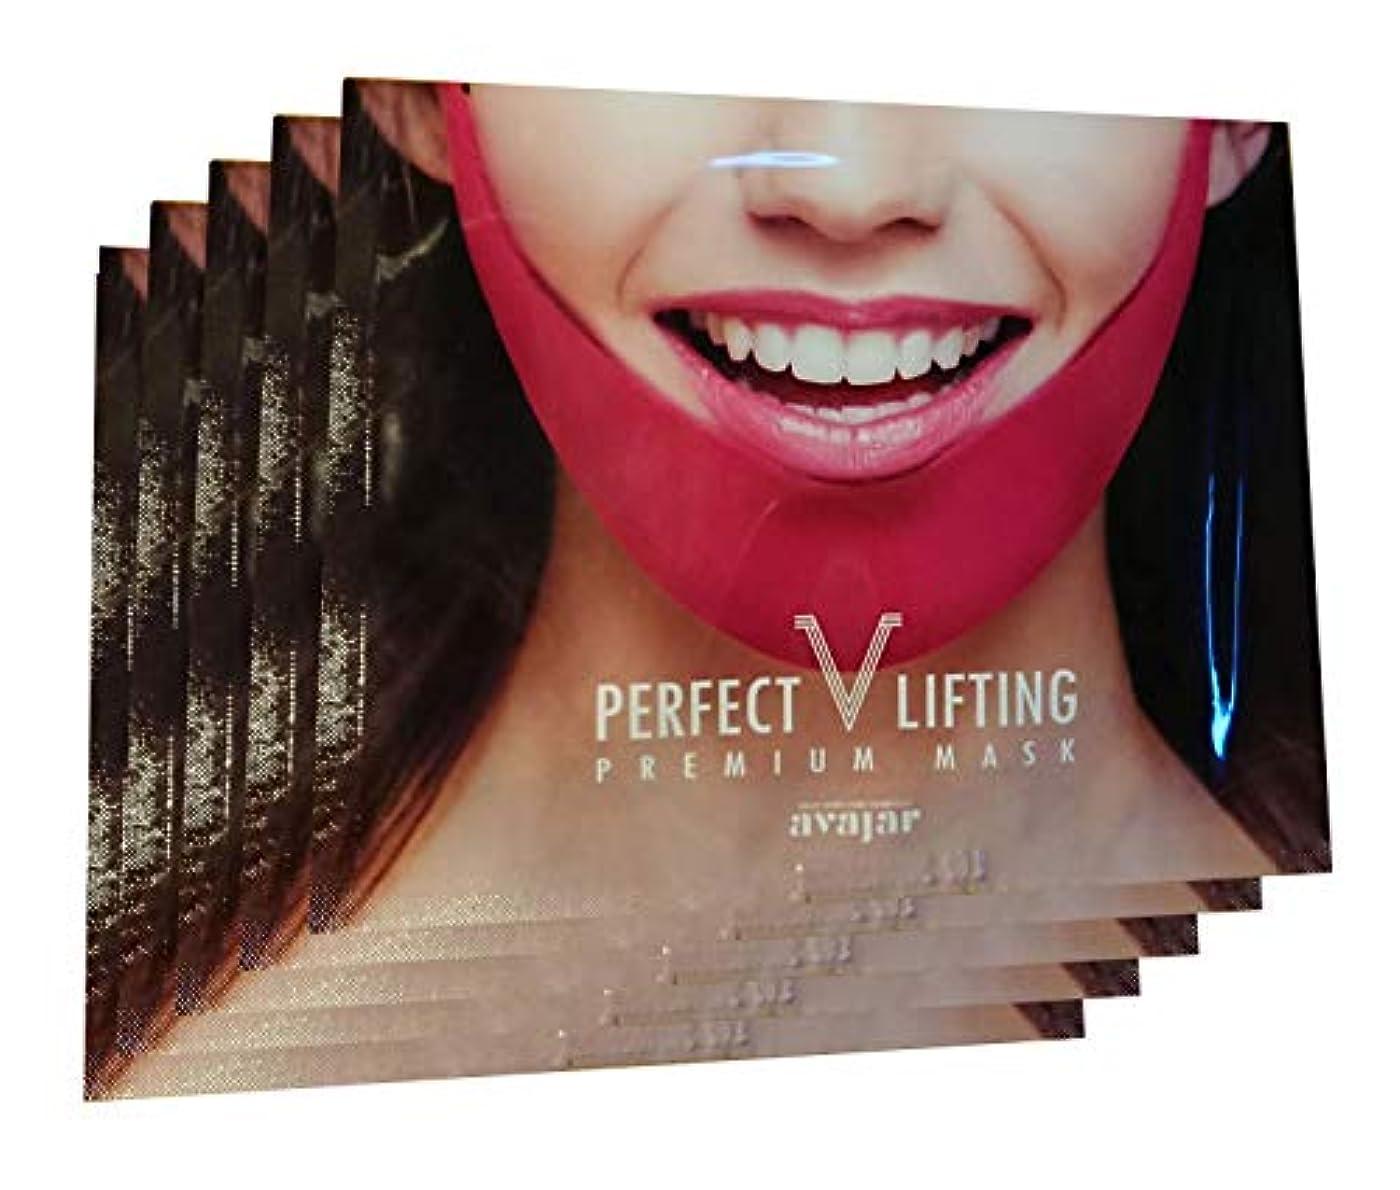 生理時刻表放送Avajar 小顔効果と顎ラインを取り戻す! パーフェクトVリフティング 1パック